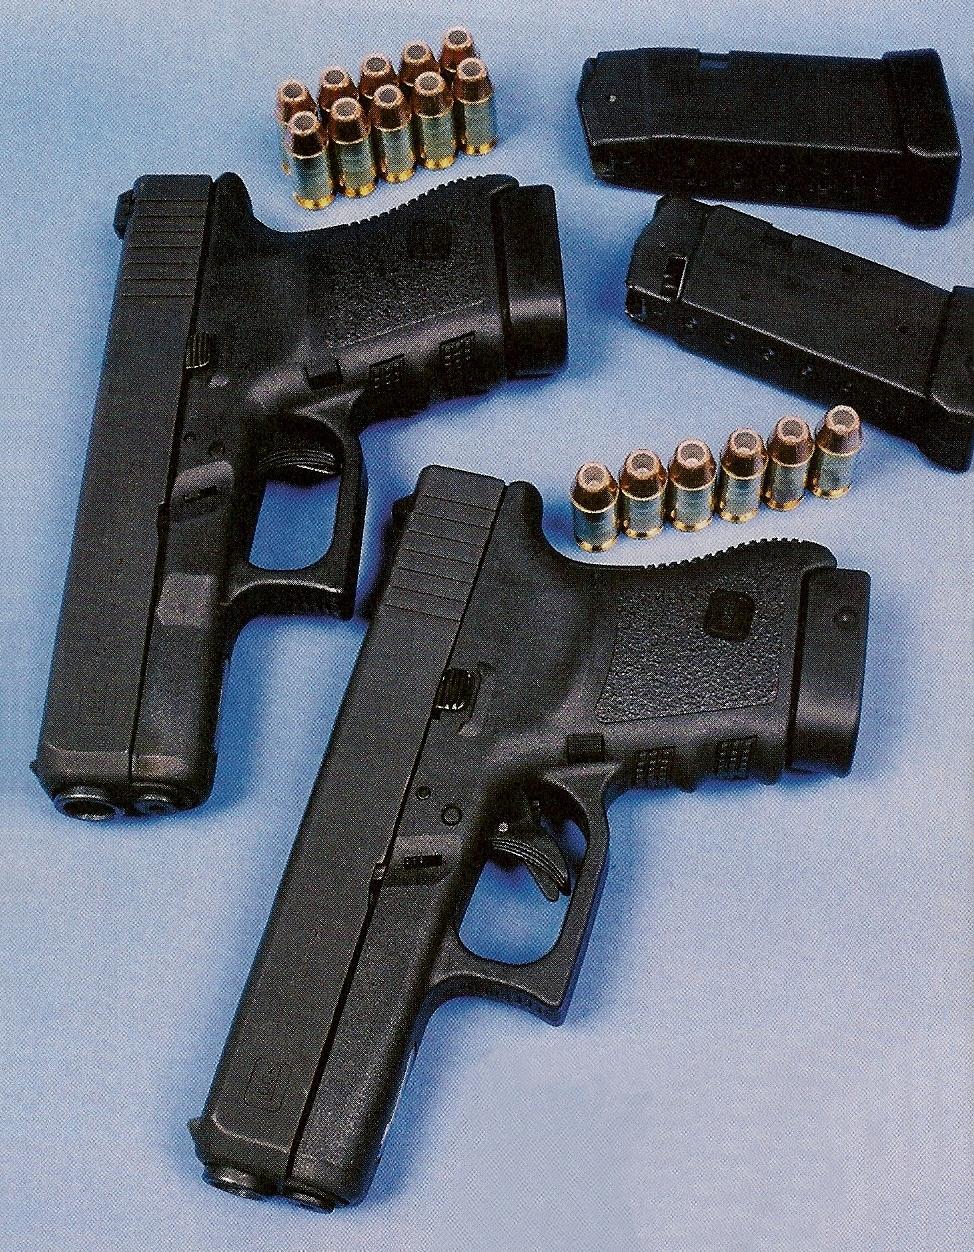 Au prix d'une capacité de chargeur réduite à 6 coups, le Glock 36 (en avant-plan), dont l'épaisseur a été réduite par rapport au modèle 30 (en arrière-plan), présente des dimensions quasiment équivalentes à celles du Glock 19, le modèle compact en calibre 9 mm Parabellum.